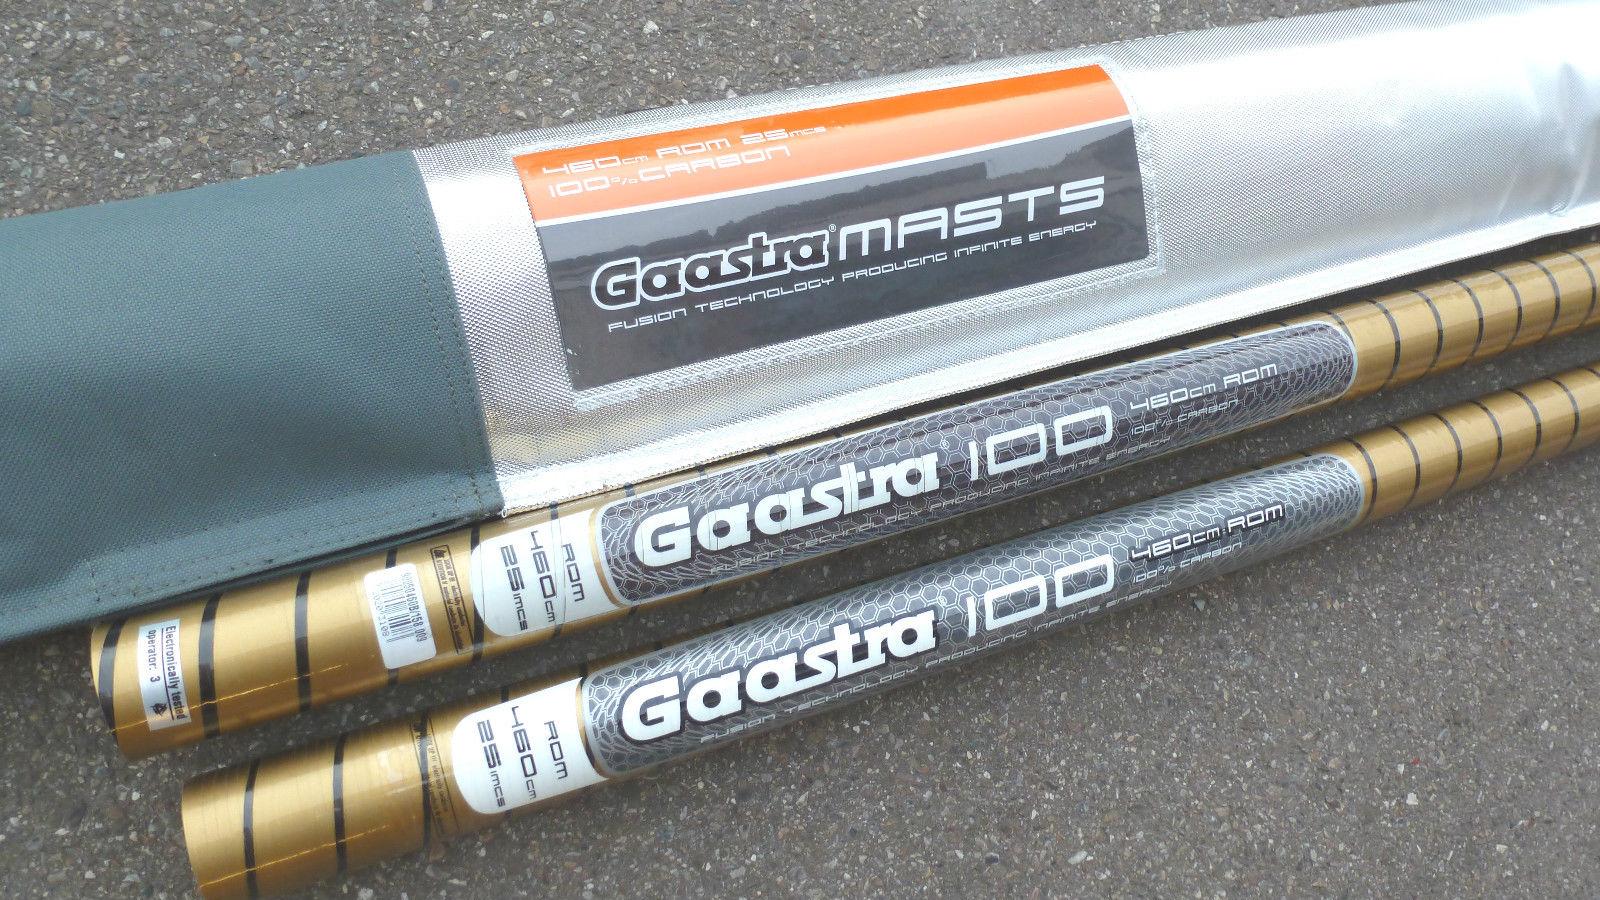 RDM 100% Mast Ga Gaastra 2014